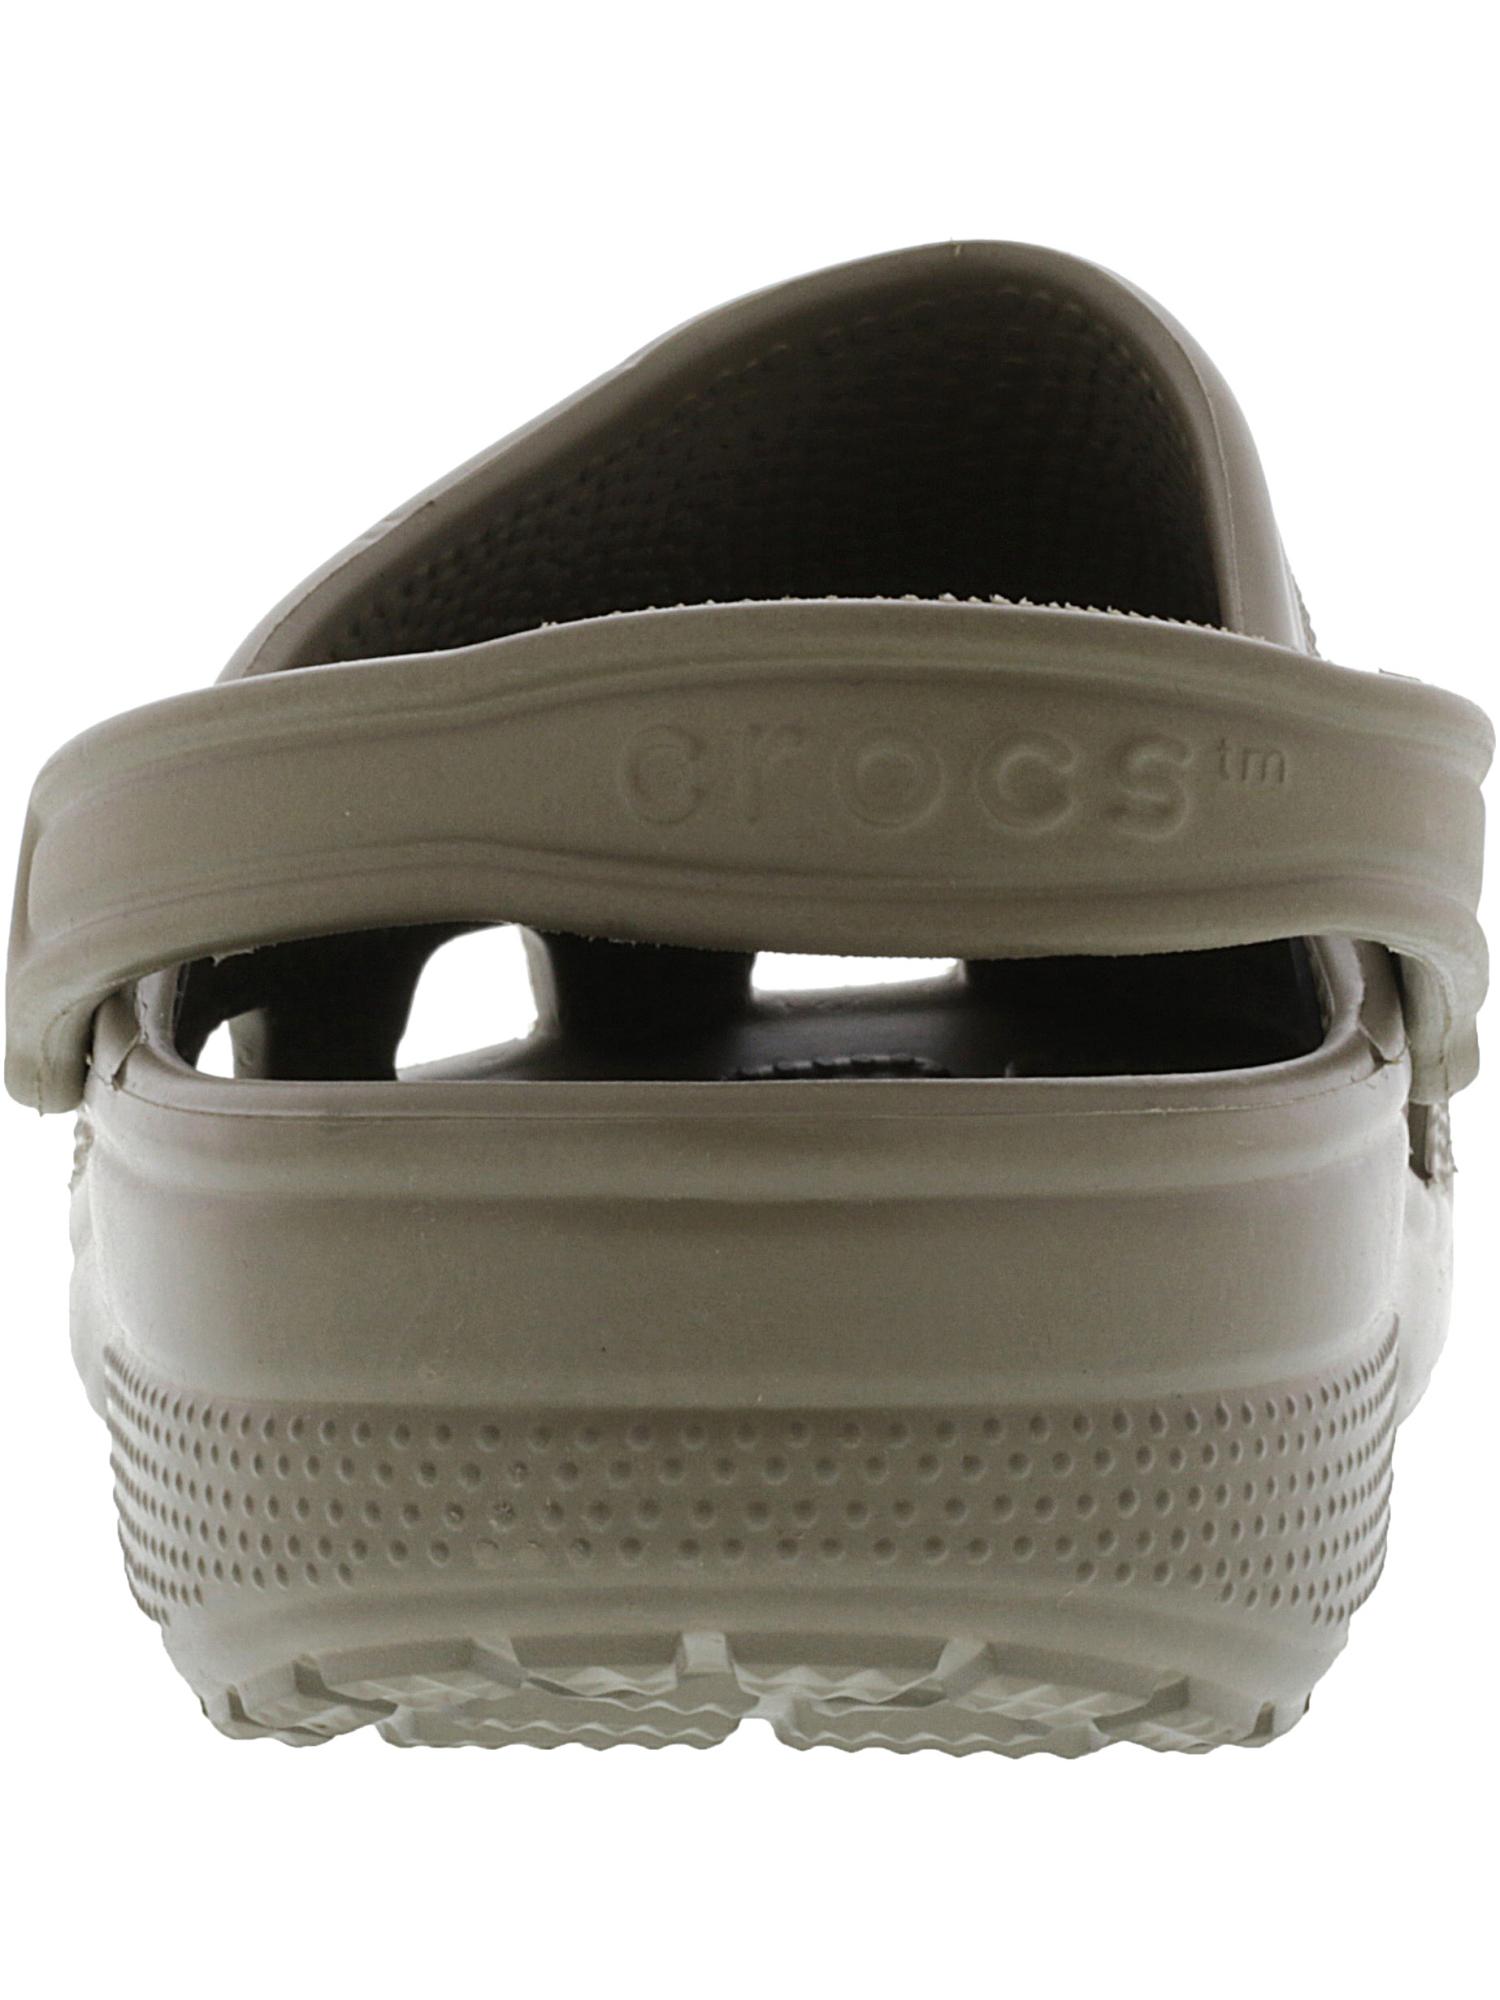 Crocs-Classic-Clog-Ltd-Clogs thumbnail 20